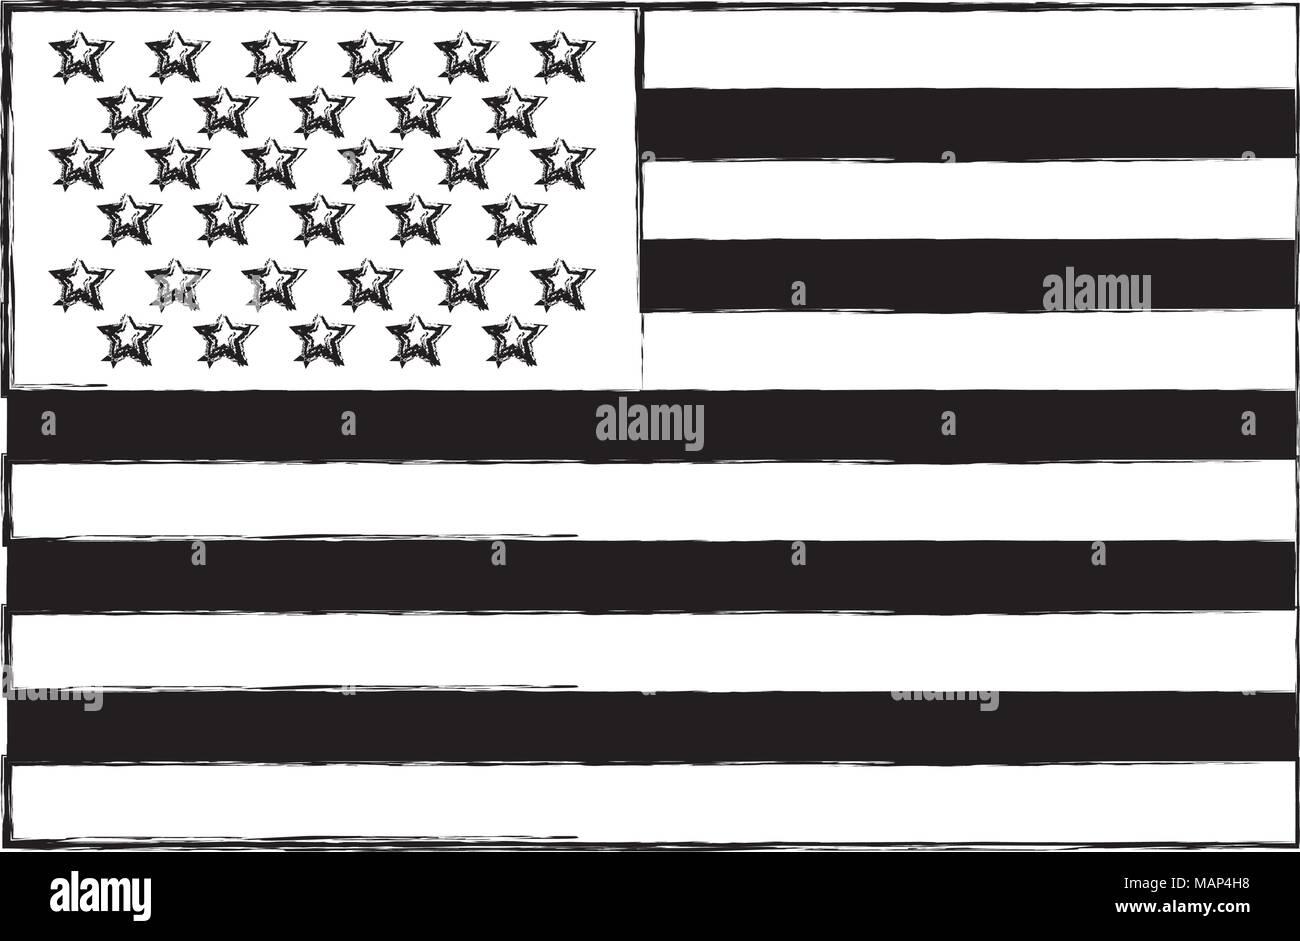 Schön Malaysia Flagge Färbung Seite Fotos - Druckbare Malvorlagen ...